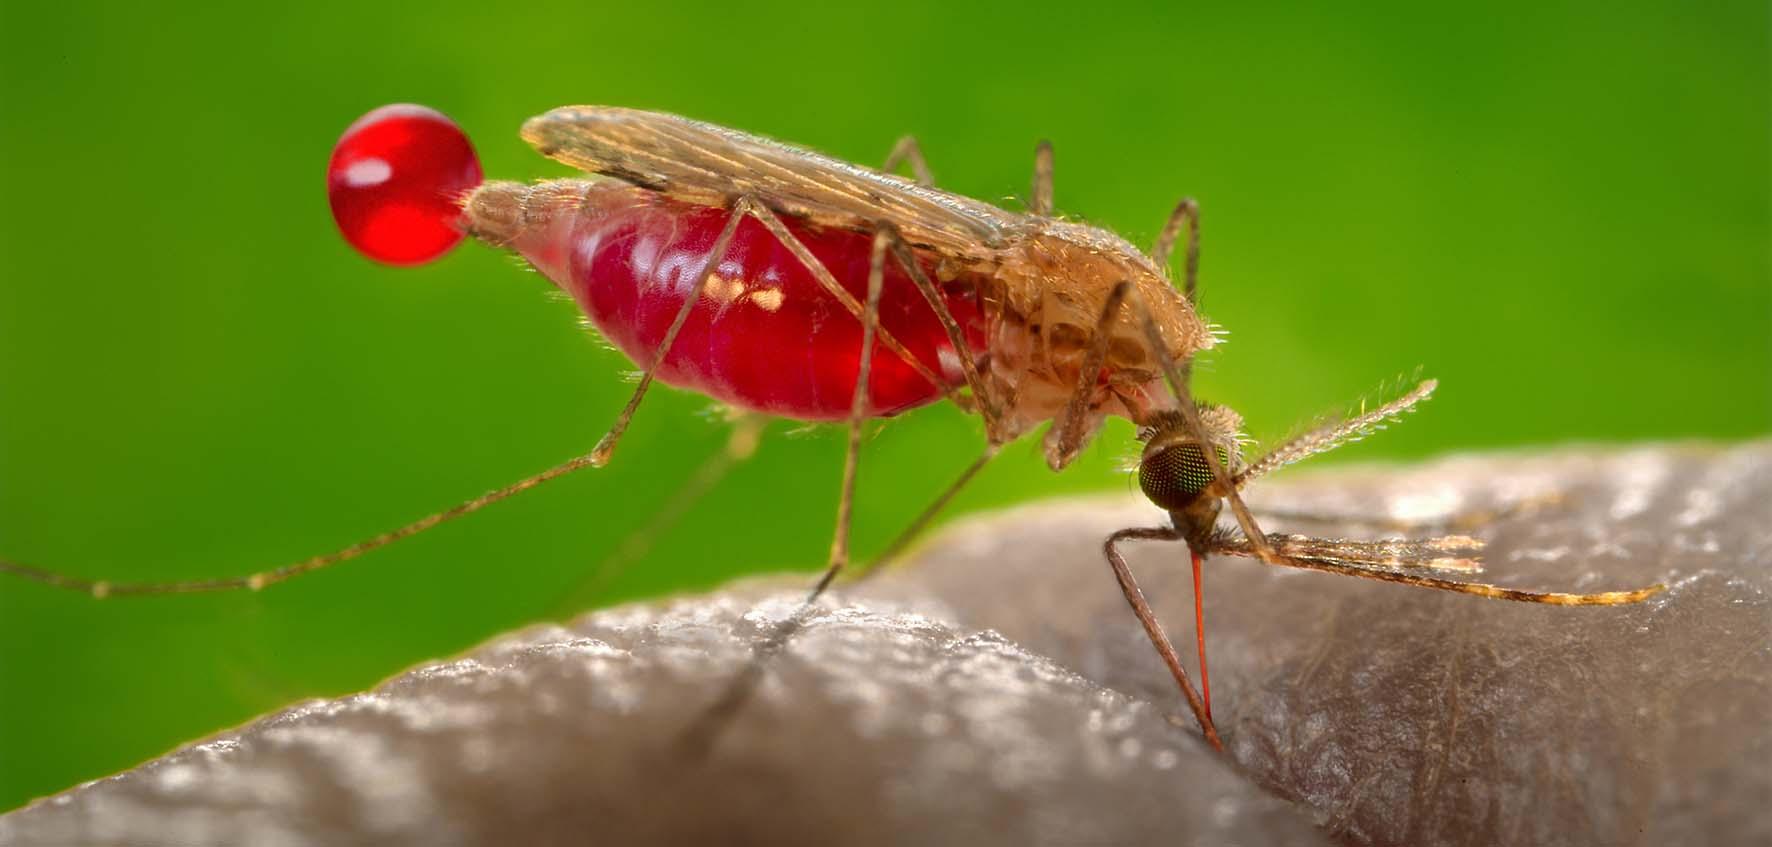 Zanzare Anopheles Gambiae malaria